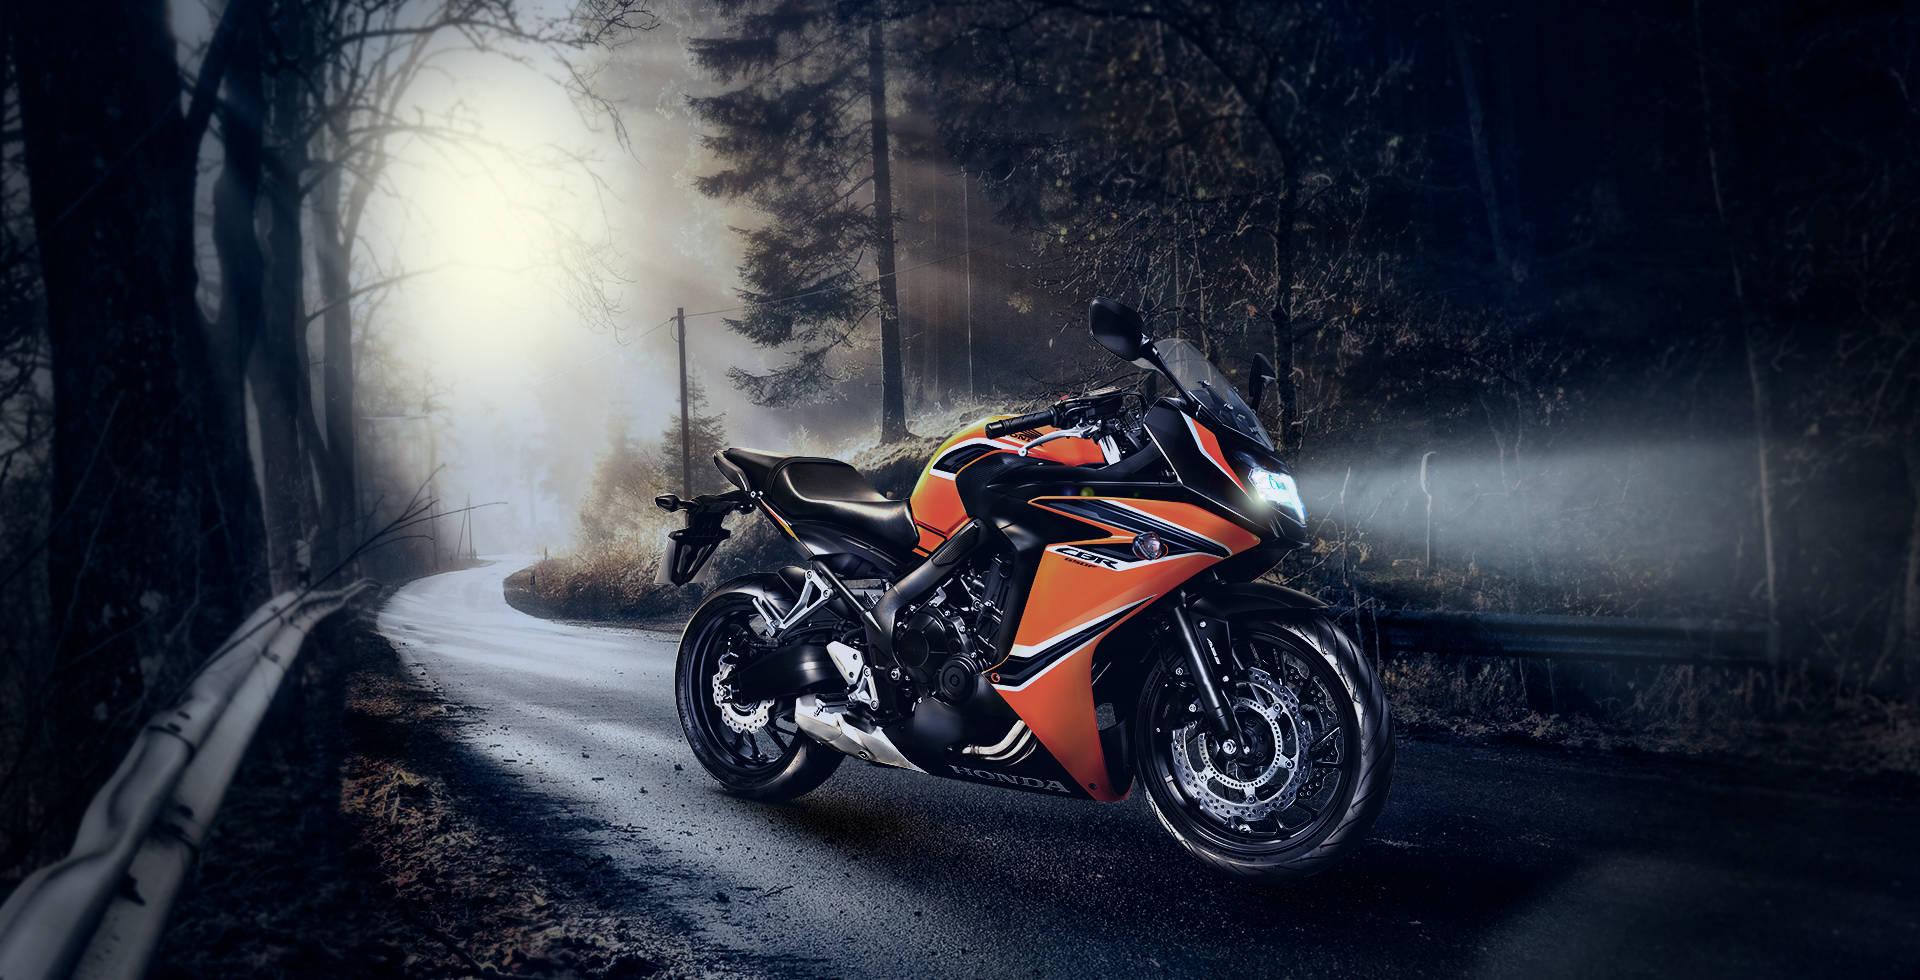 Cbr 650f 2018 Honda Motocicletas